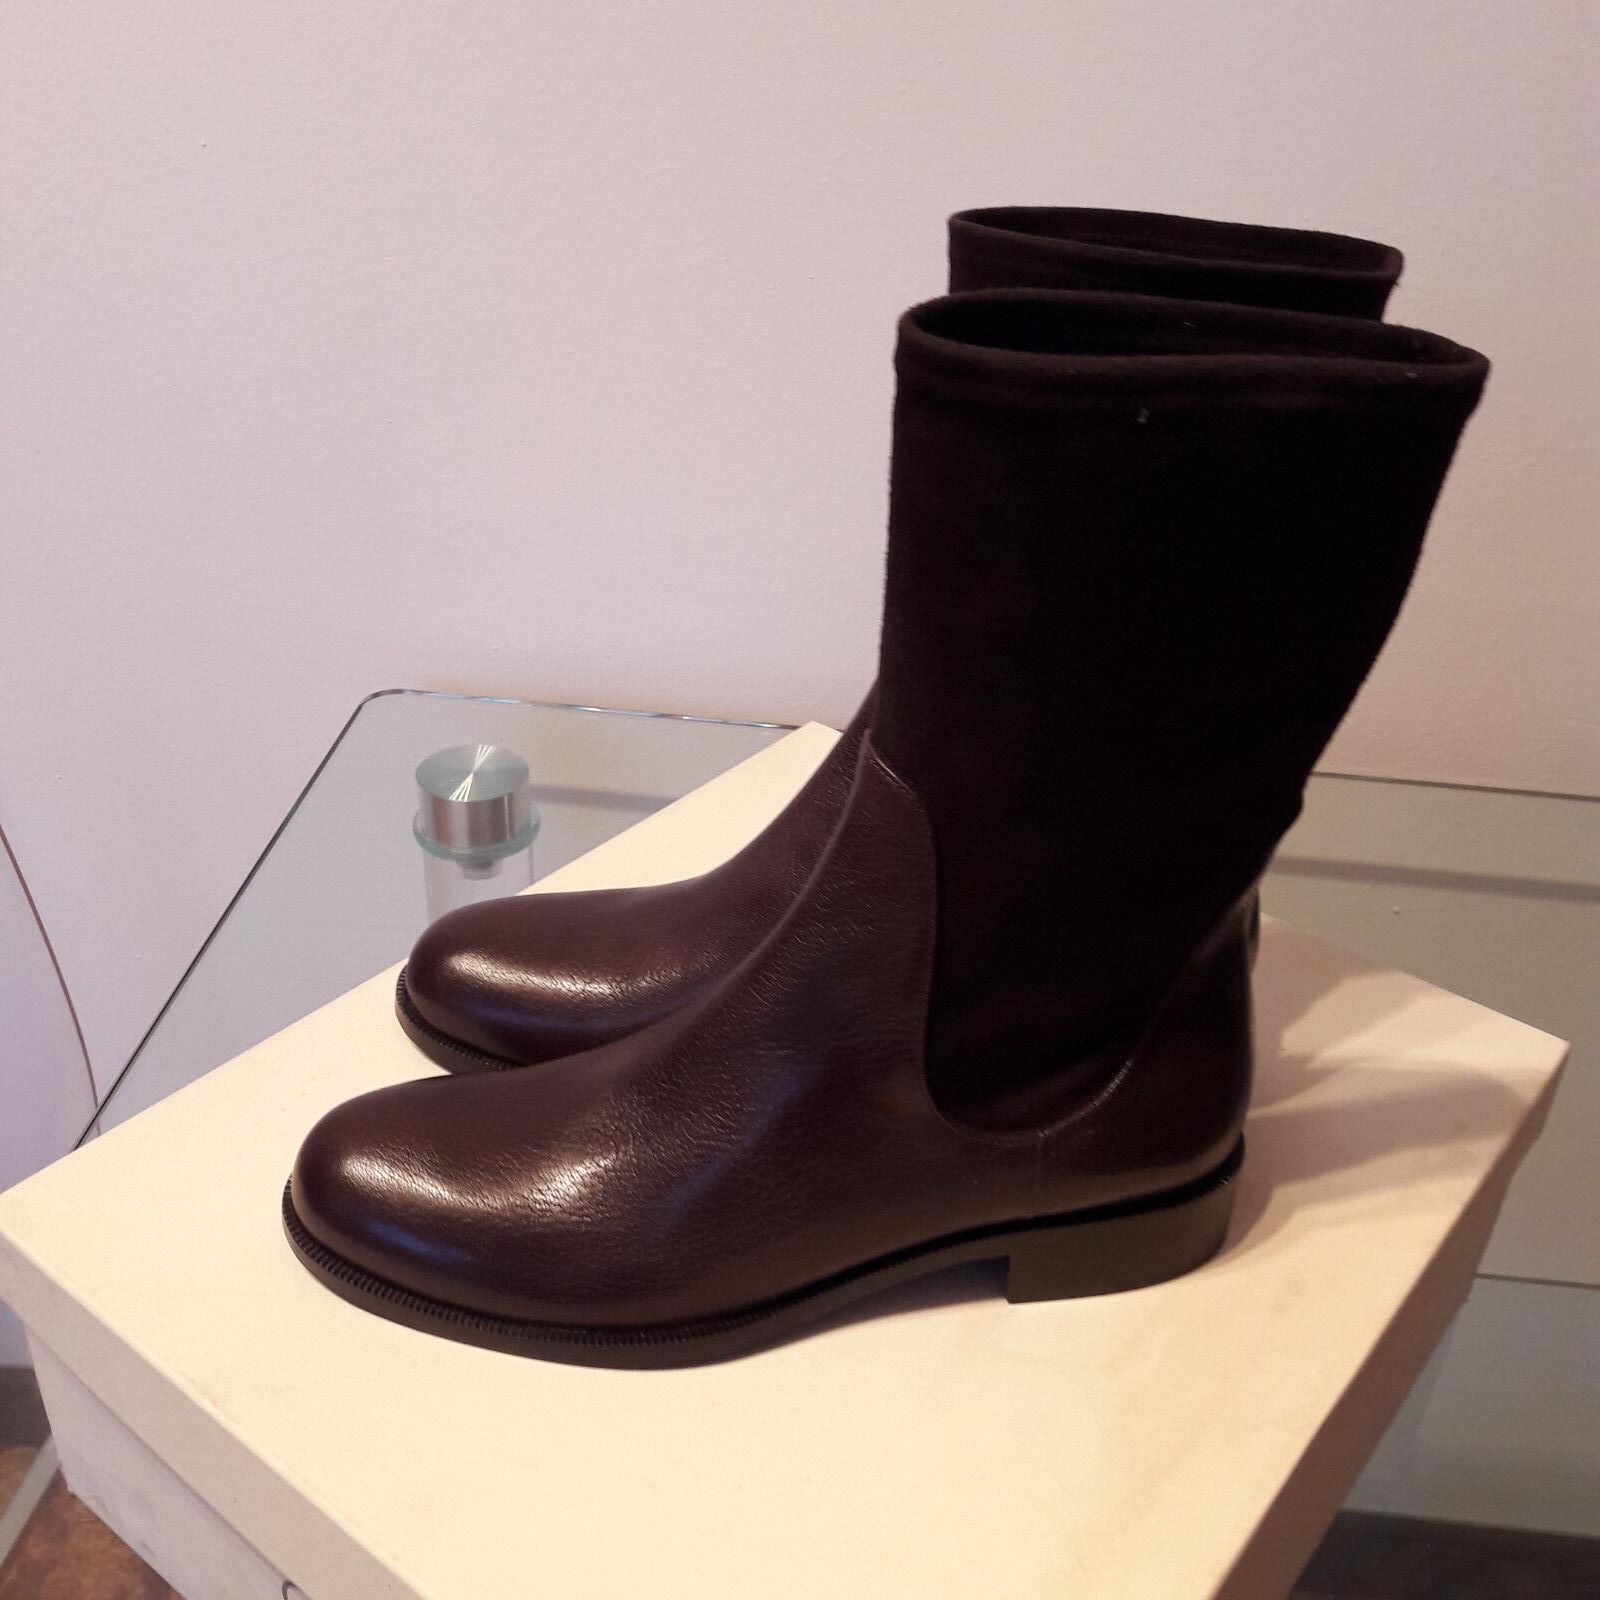 Stivaletto e GUNEX (Brunello Cucinelli) pelle e Stivaletto camoscio 100% marrone (NUOVO) bed57a